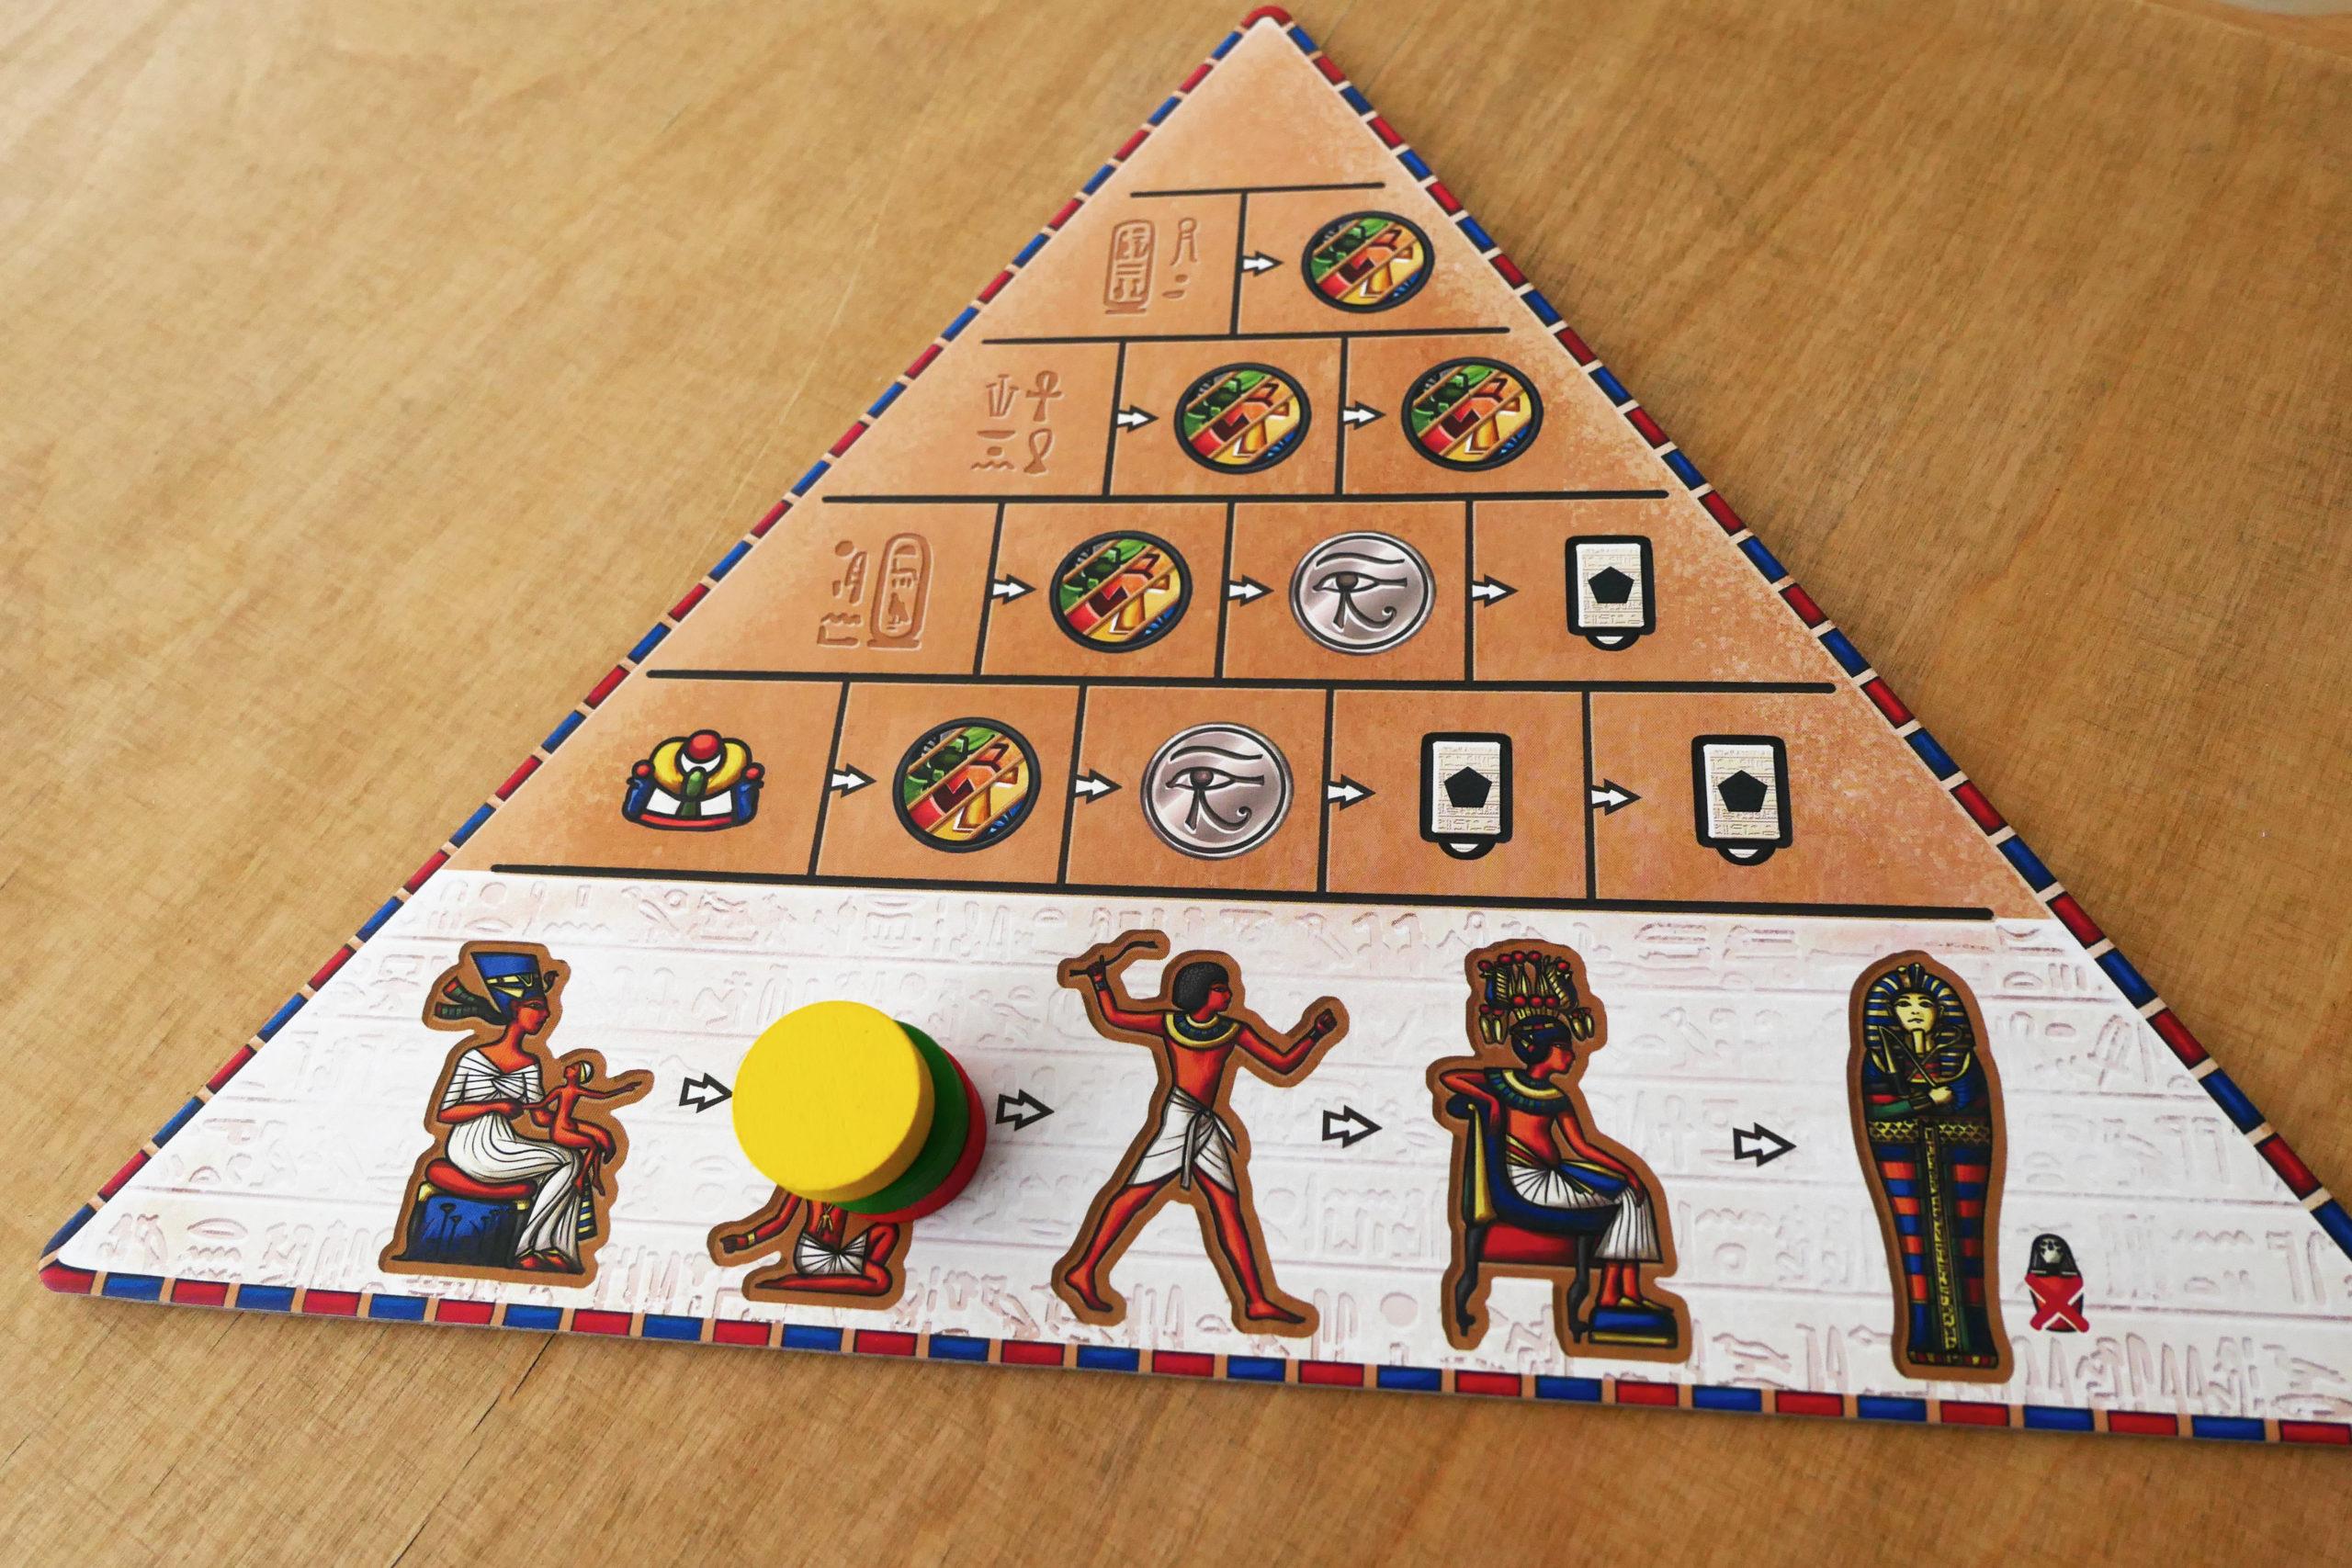 Plateau pyramide, attente de prochain tour.